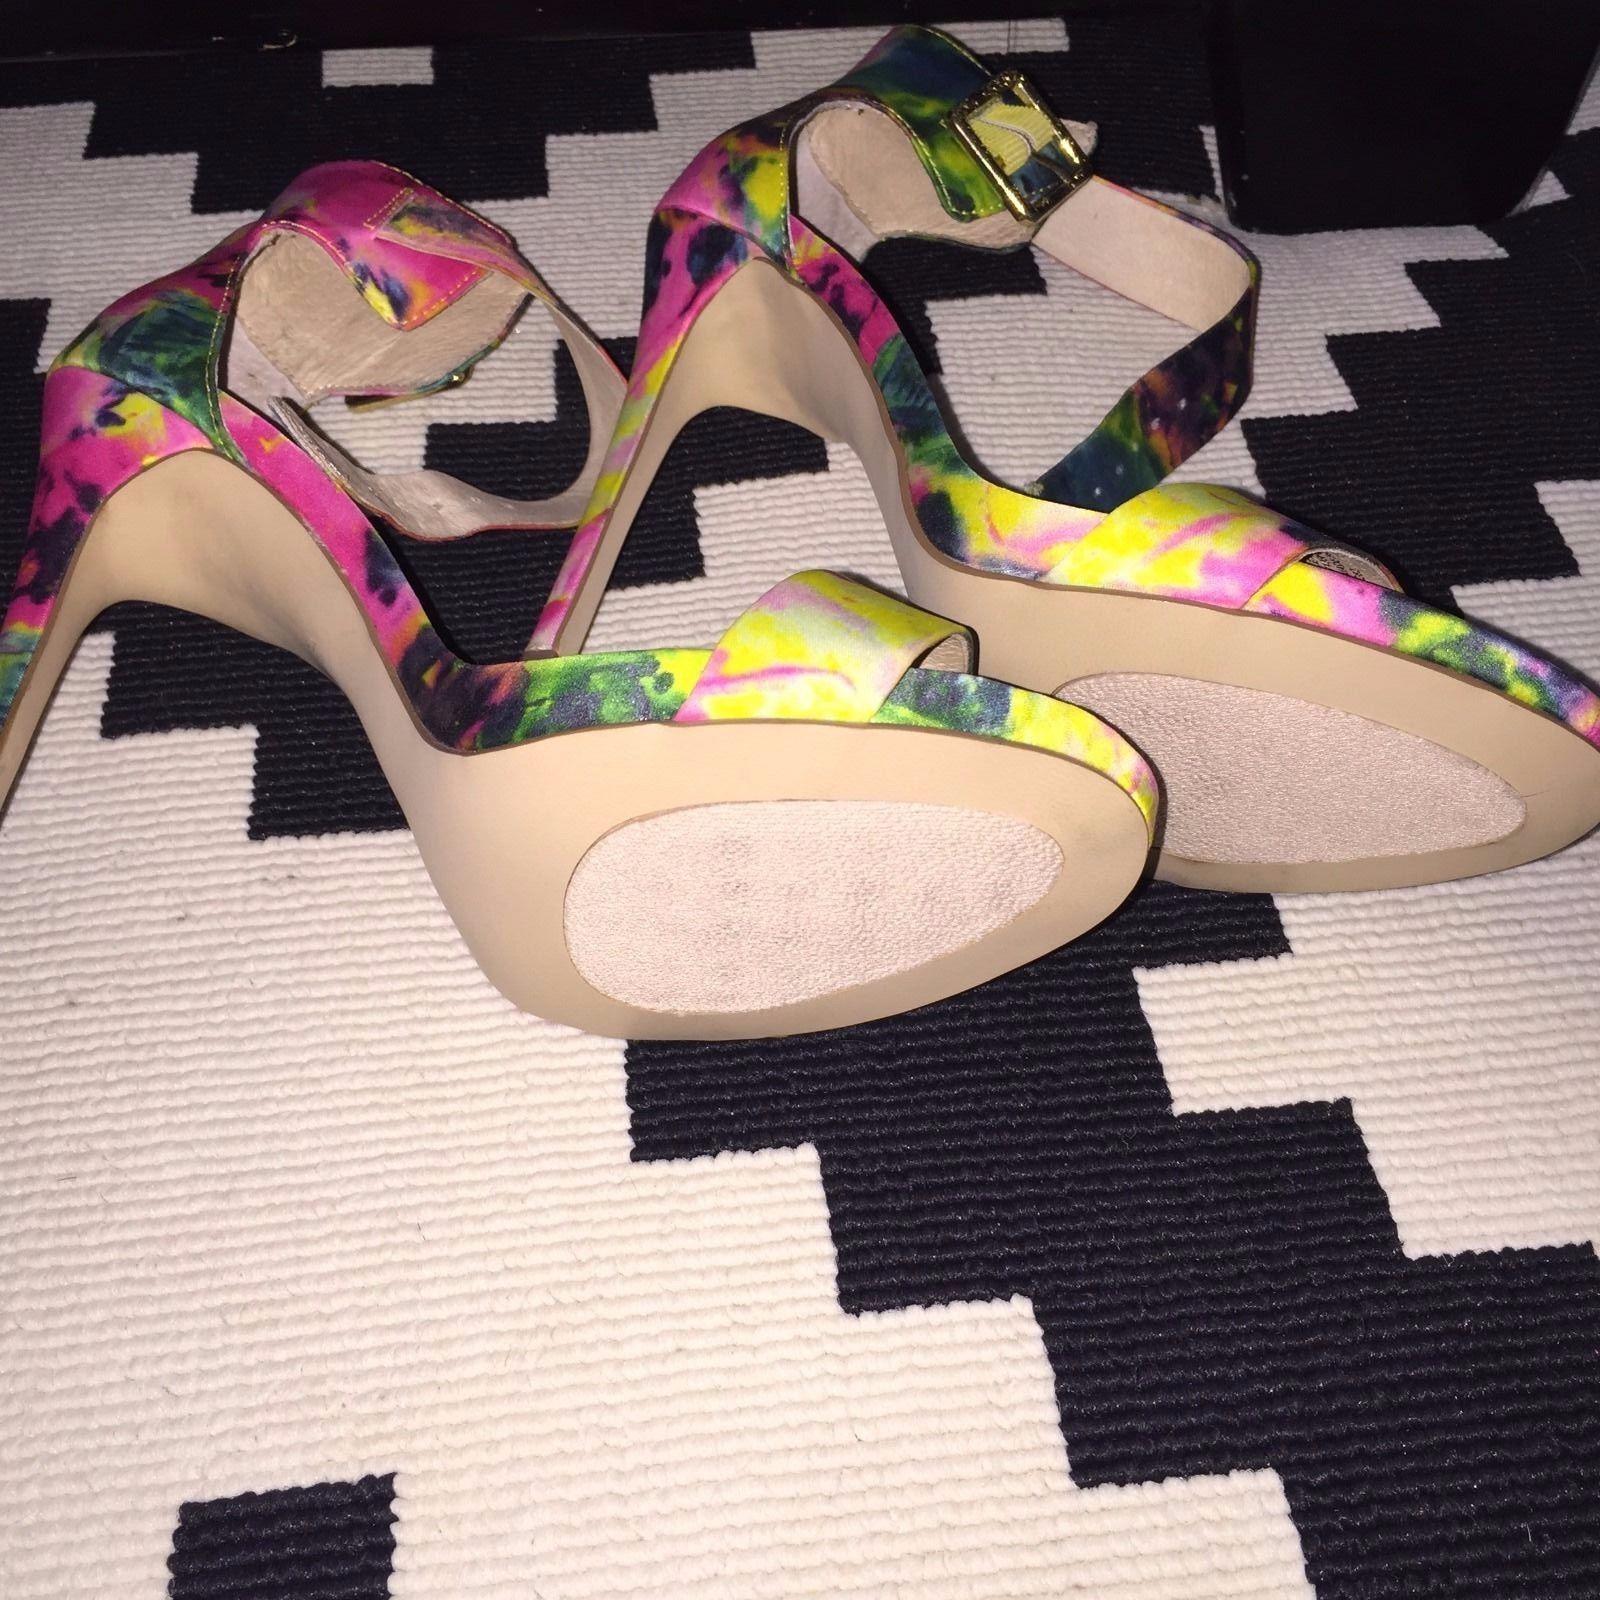 Steve Madden Marlenee Floral  zapatos  Floral De Taco Para Mujer 9.5 Verde Amarillo Rosa OpenToe 450e5e